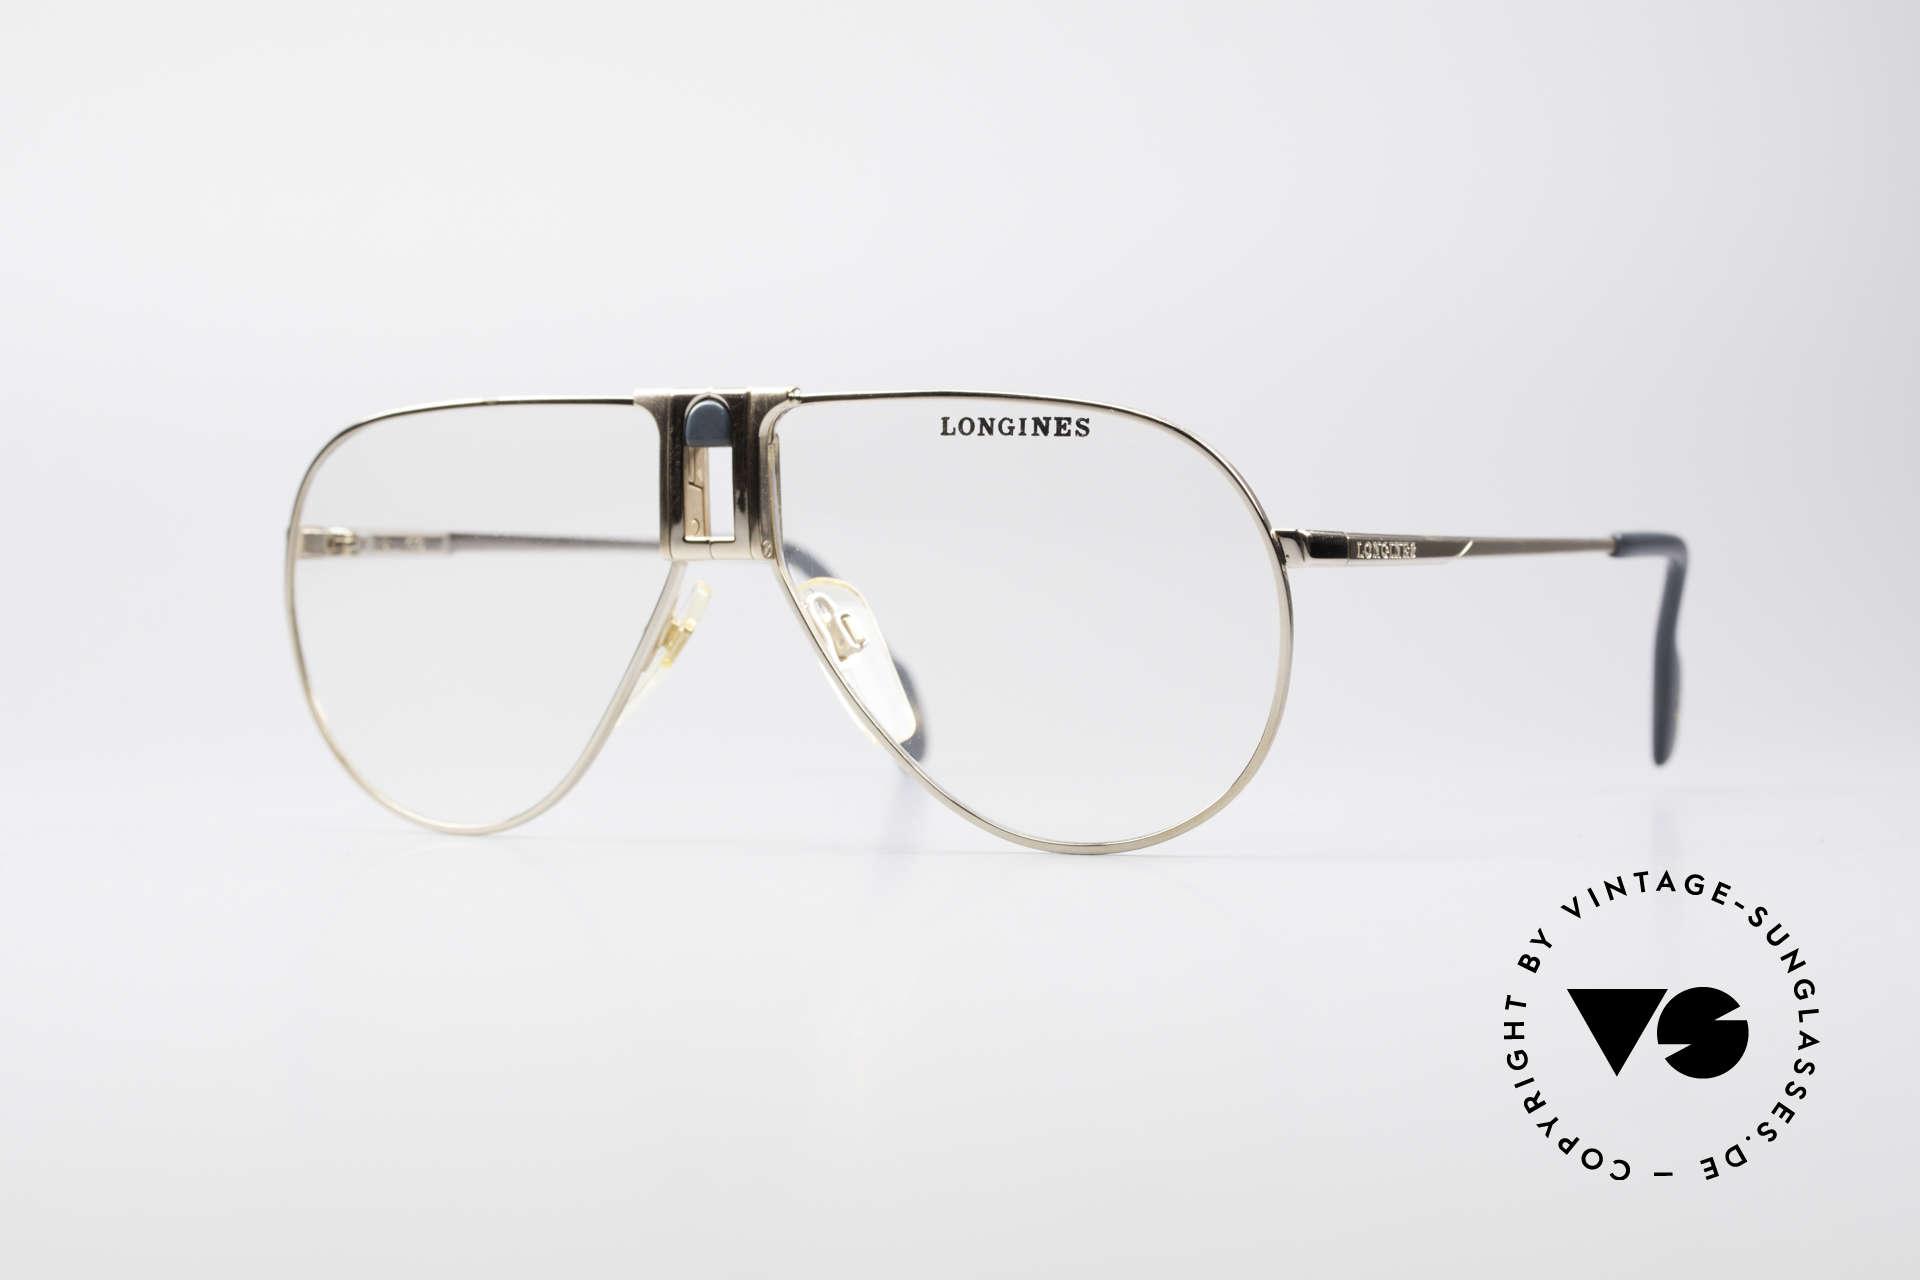 Longines 0154 1980's Aviator Eyeglasses, high-end VINTAGE designer eyeglasses by LONGINES, Made for Men